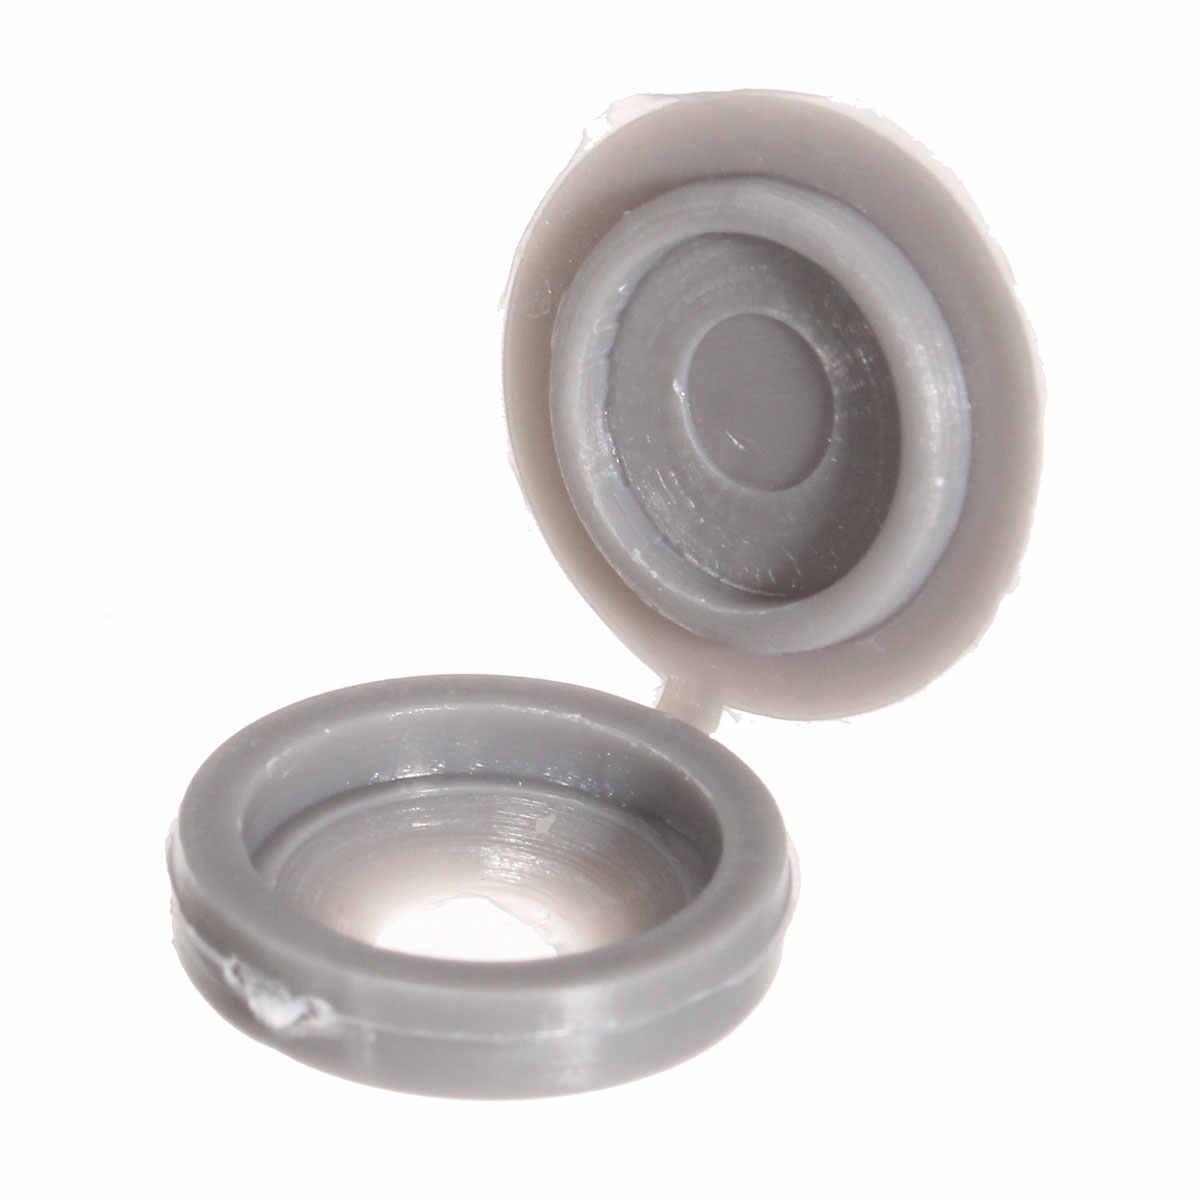 100Pcs Scharnierende Plastic Schroef Cover Fold Caps Knop Voor Auto Meubels Decoratieve Cover Pan hoofd verzonken schroeven